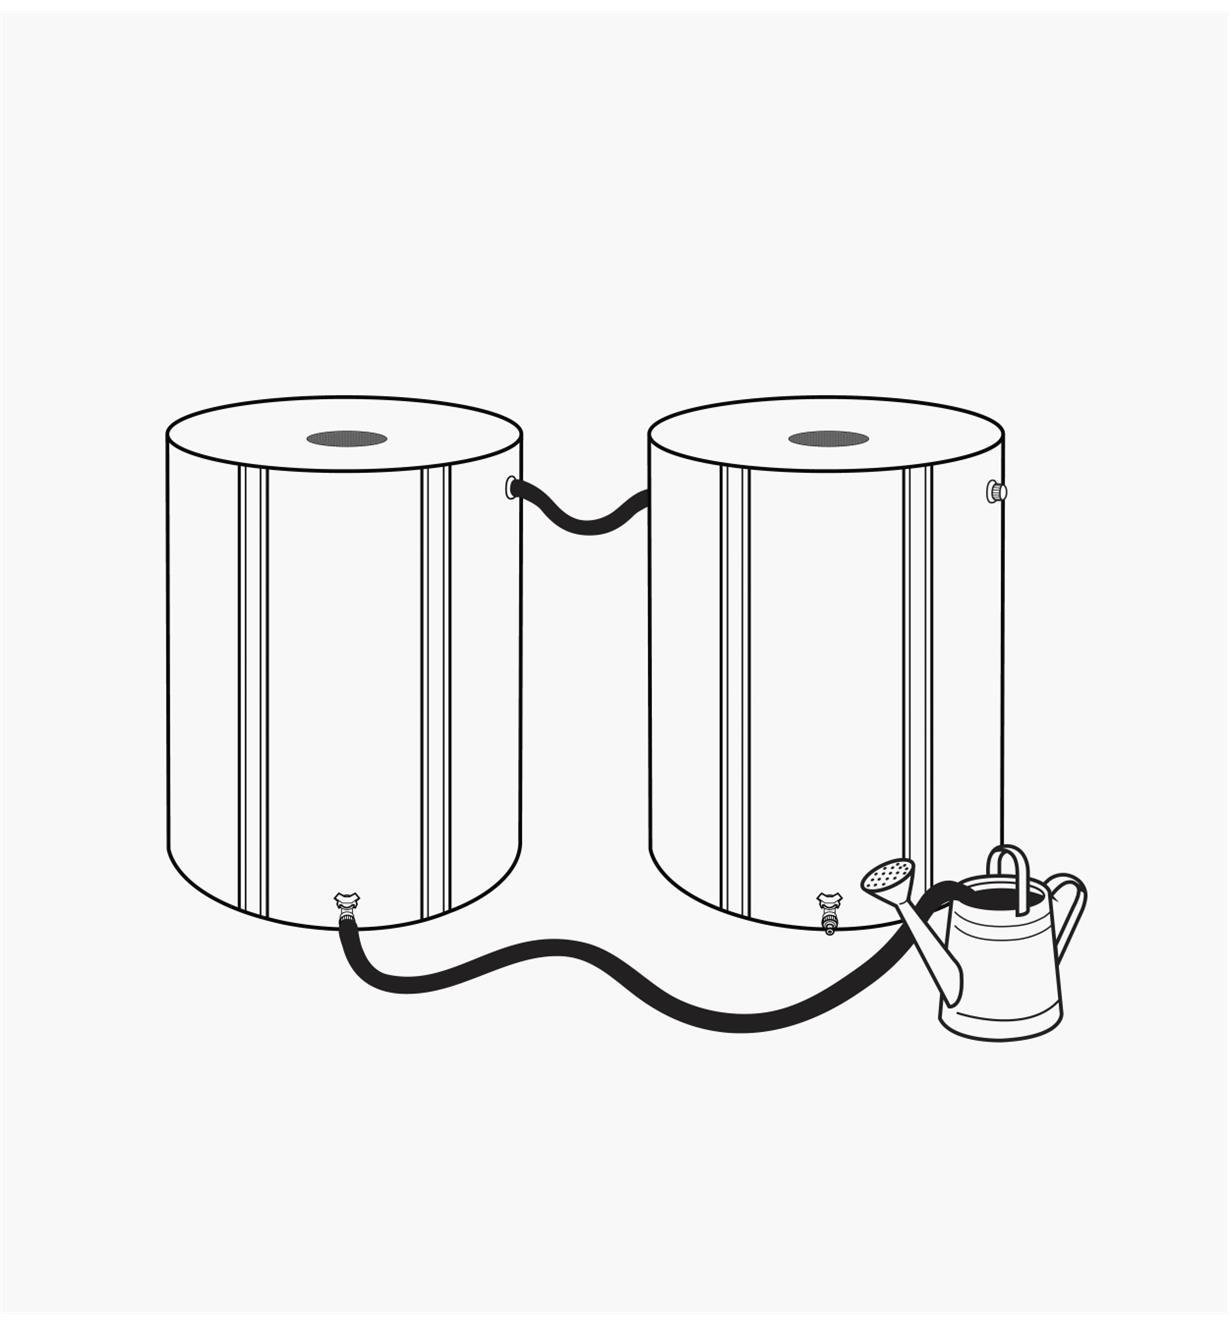 WT334 - Citerne pluviale pliable